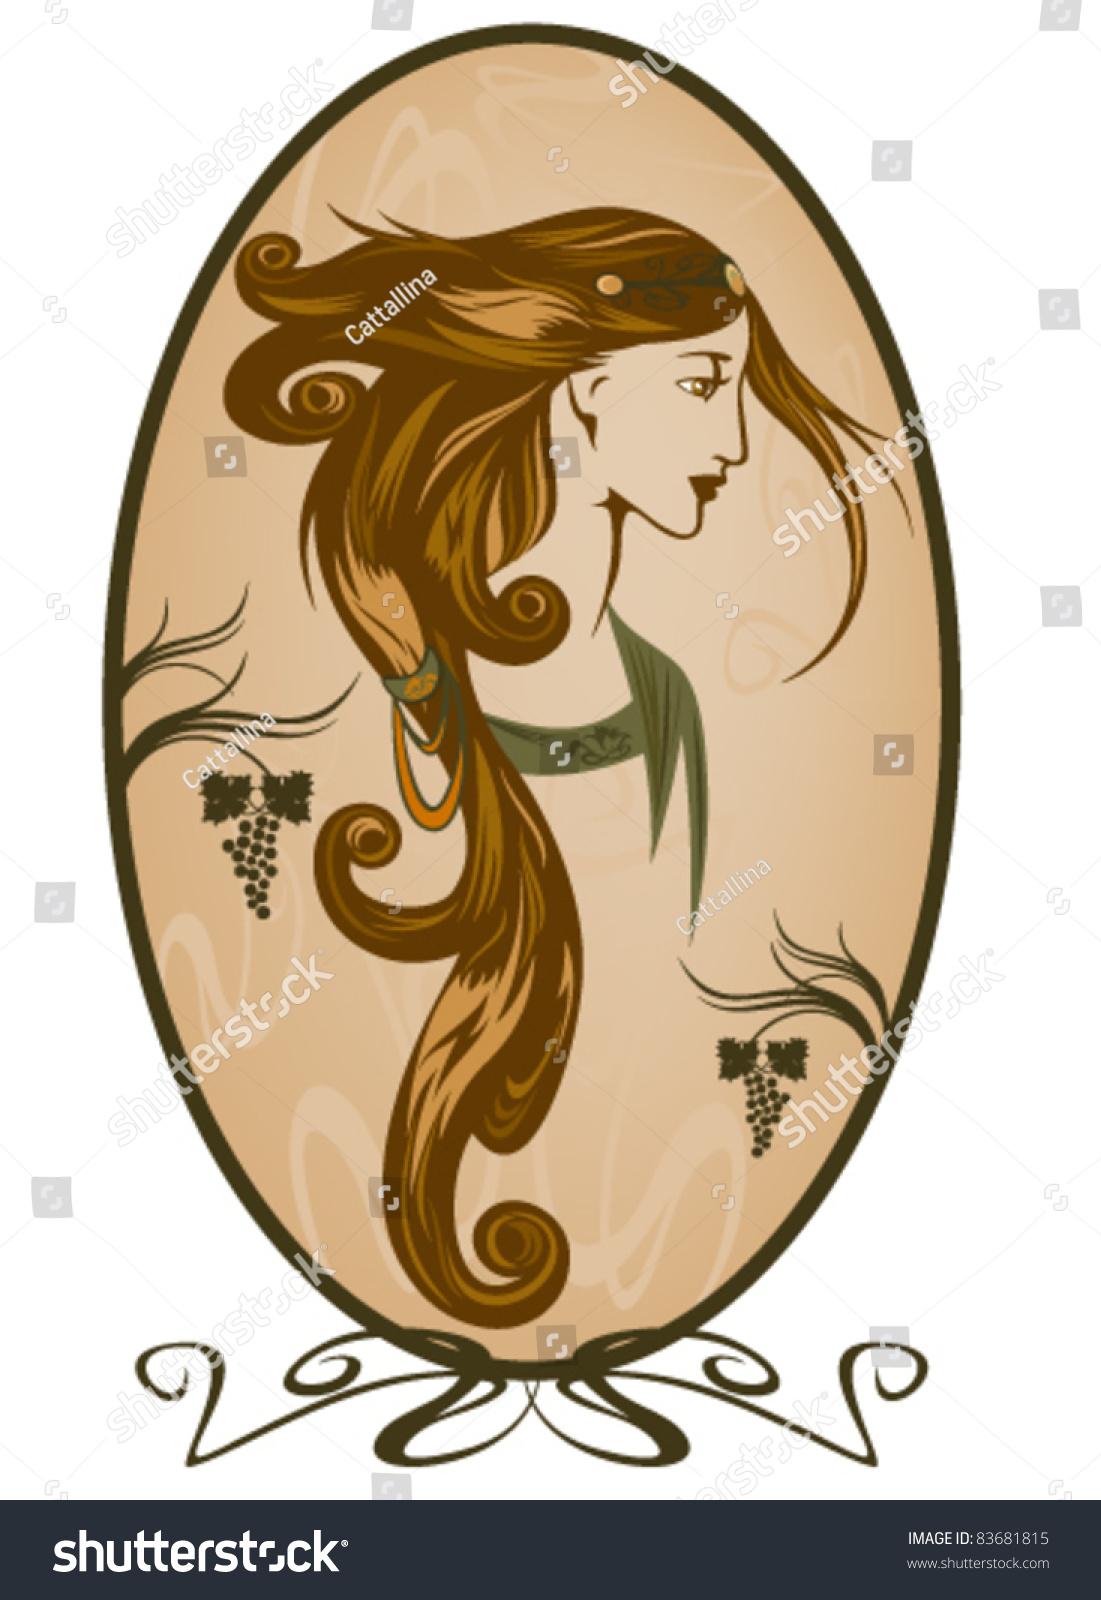 art nouveau style woman portrait stock vector illustration